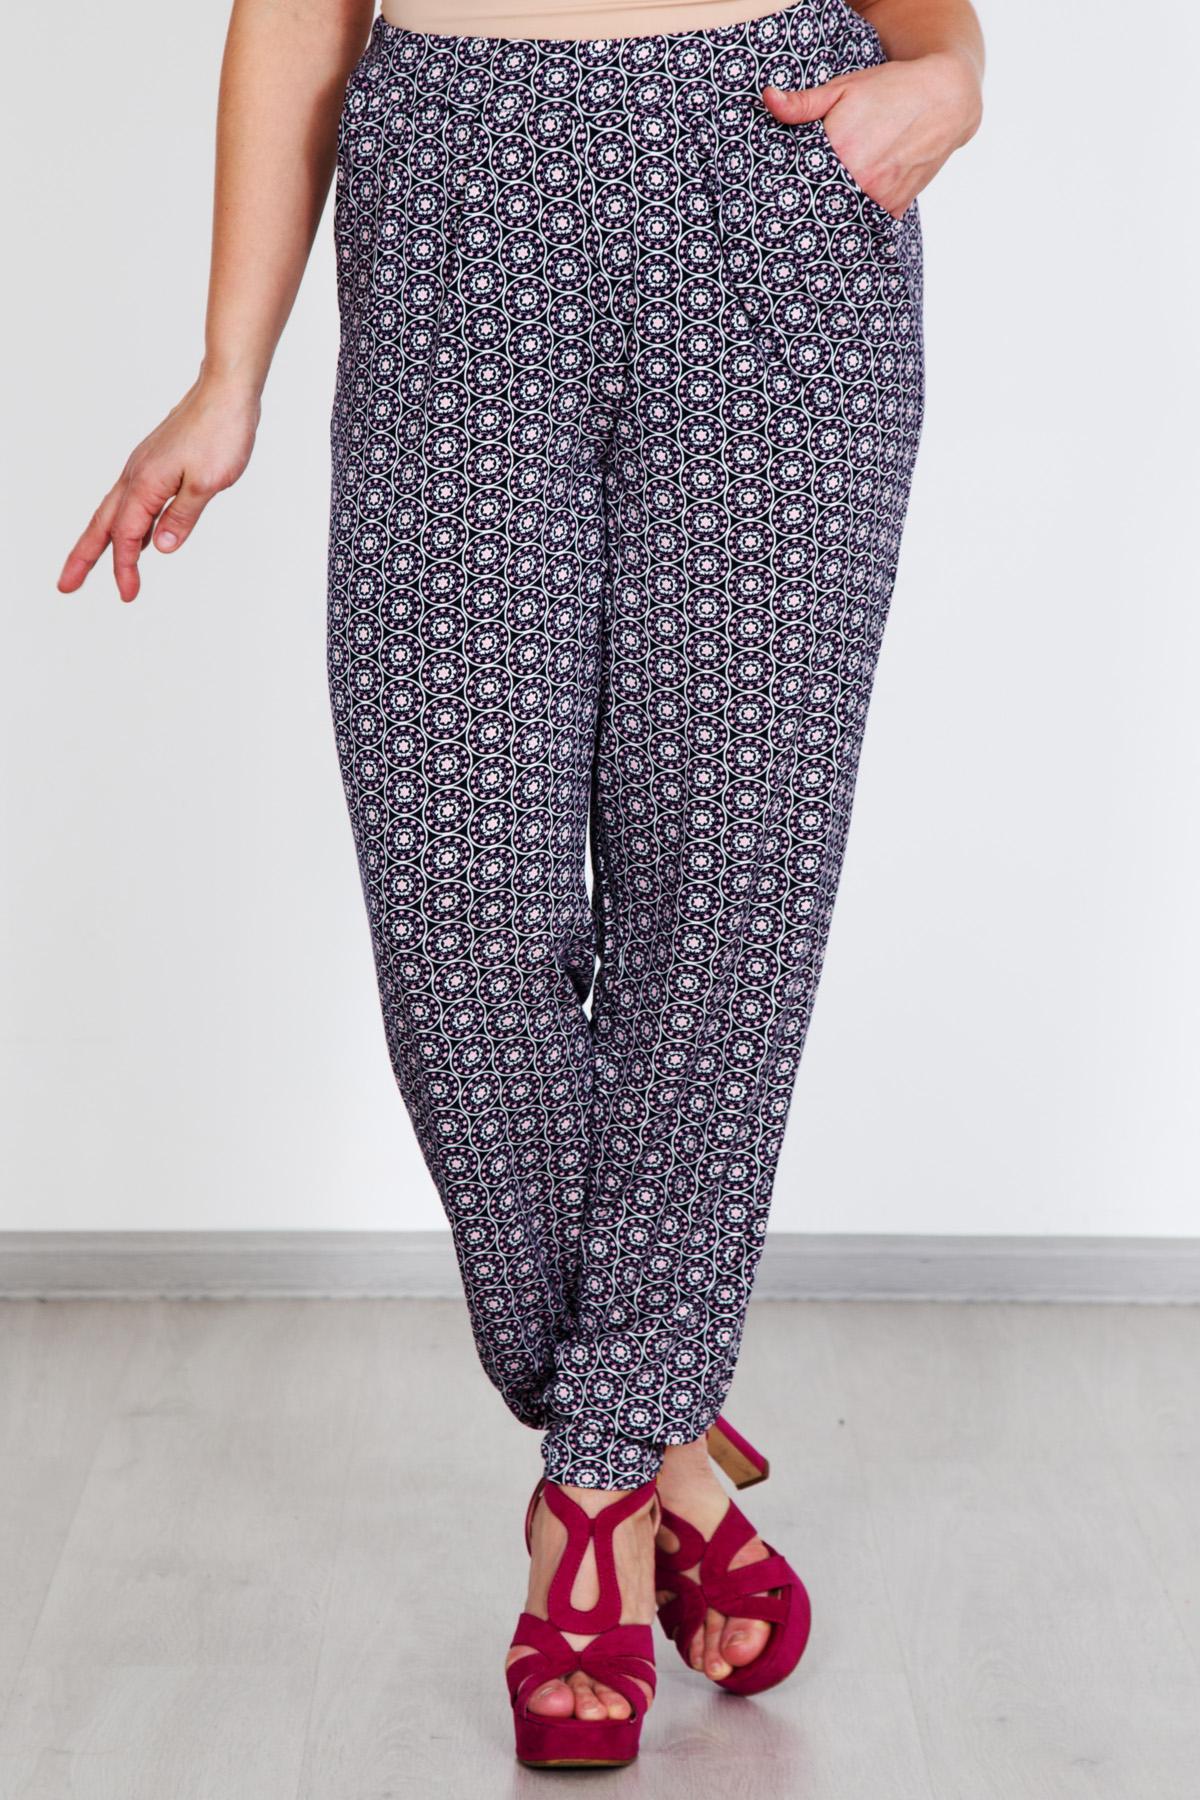 Жен. брюки Шахерезада р. 48Распродажа женской одежды<br>Обхват груди: 96 см <br>Обхват талии: 78 см <br>Обхват бедер: 104 см <br>Высота посадки: 27 см <br>Длина брючин по внут. шву: 75 см <br>Рост: 167 см<br><br>Тип: Жен. брюки<br>Размер: 48<br>Материал: Вискоза